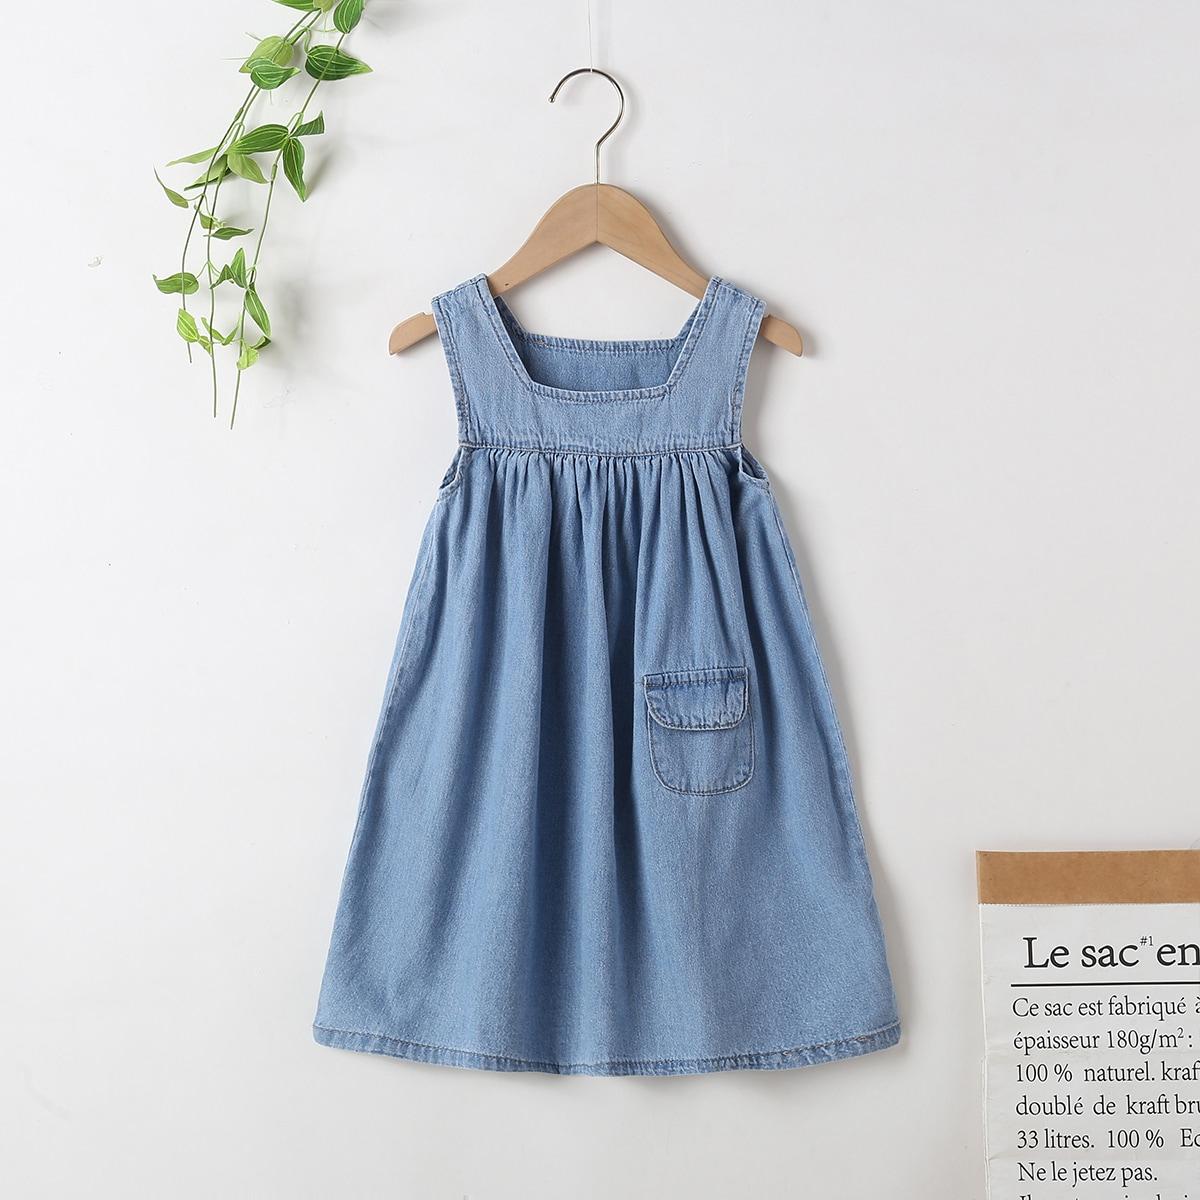 для девочек Джинсовое платье с карманом SheIn skdress25210414276